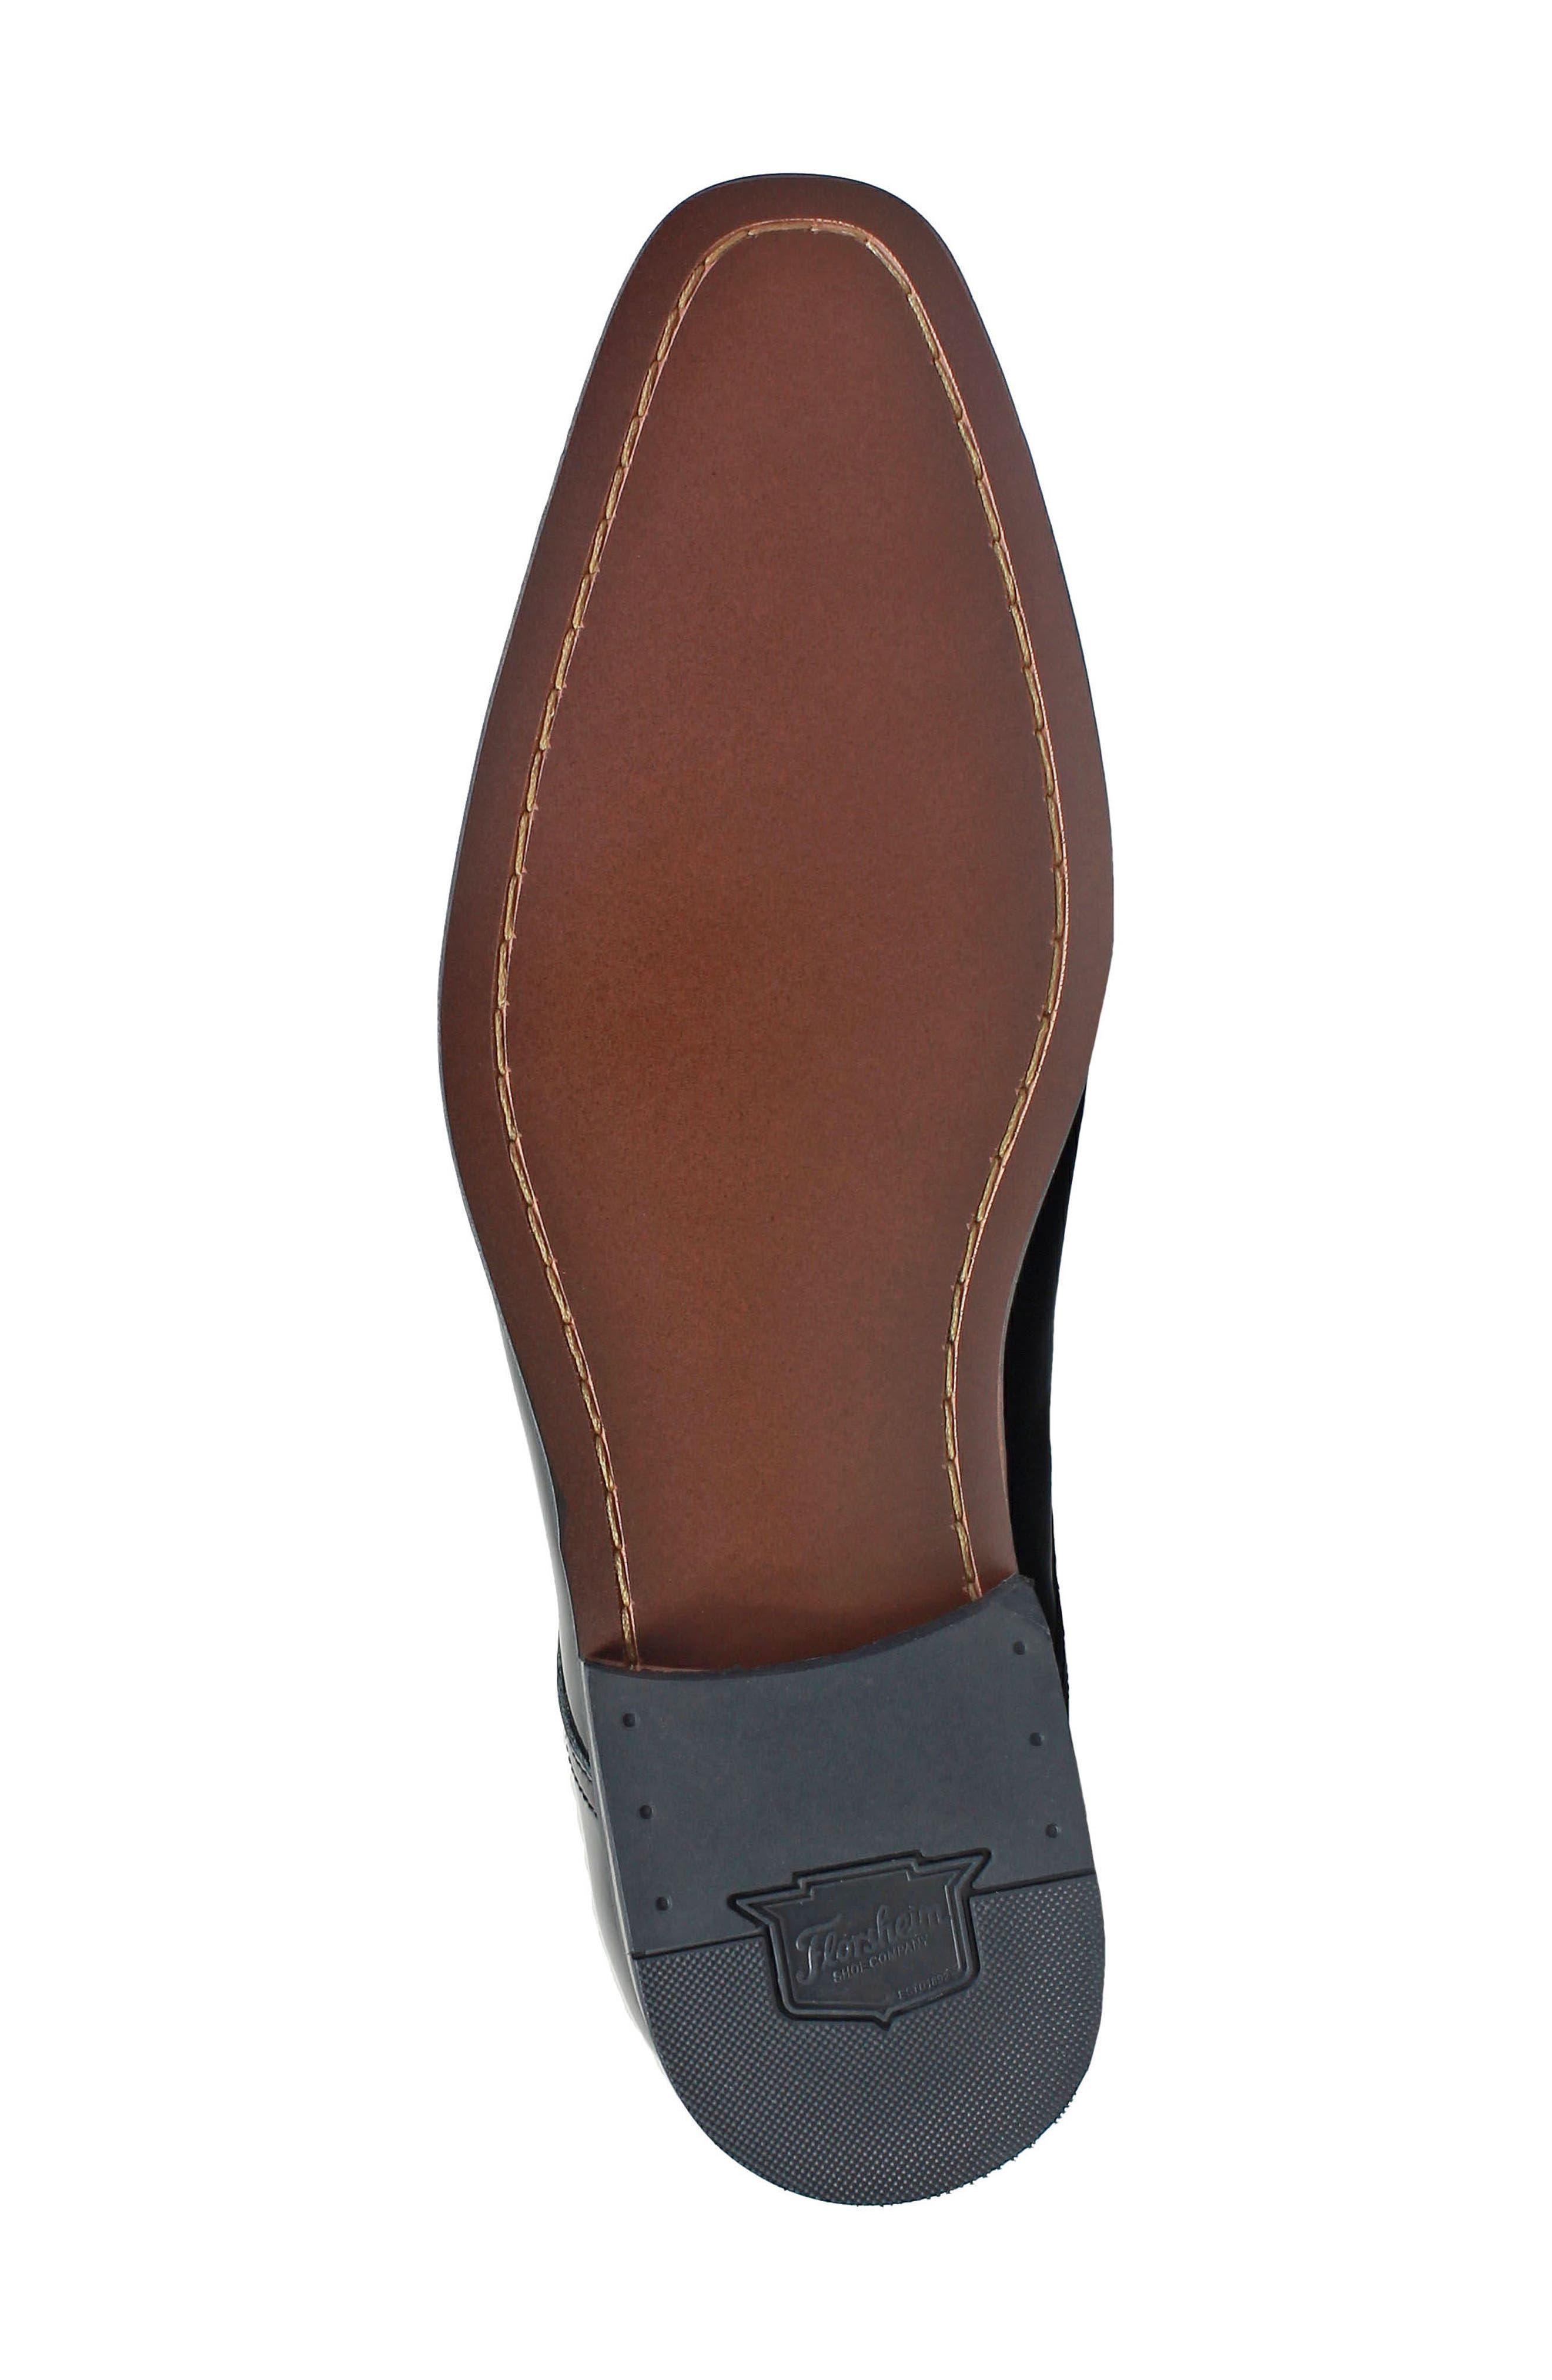 FLORSHEIM, Tux Plain Toe Derby, Alternate thumbnail 6, color, BLACK PATENT LEATHER